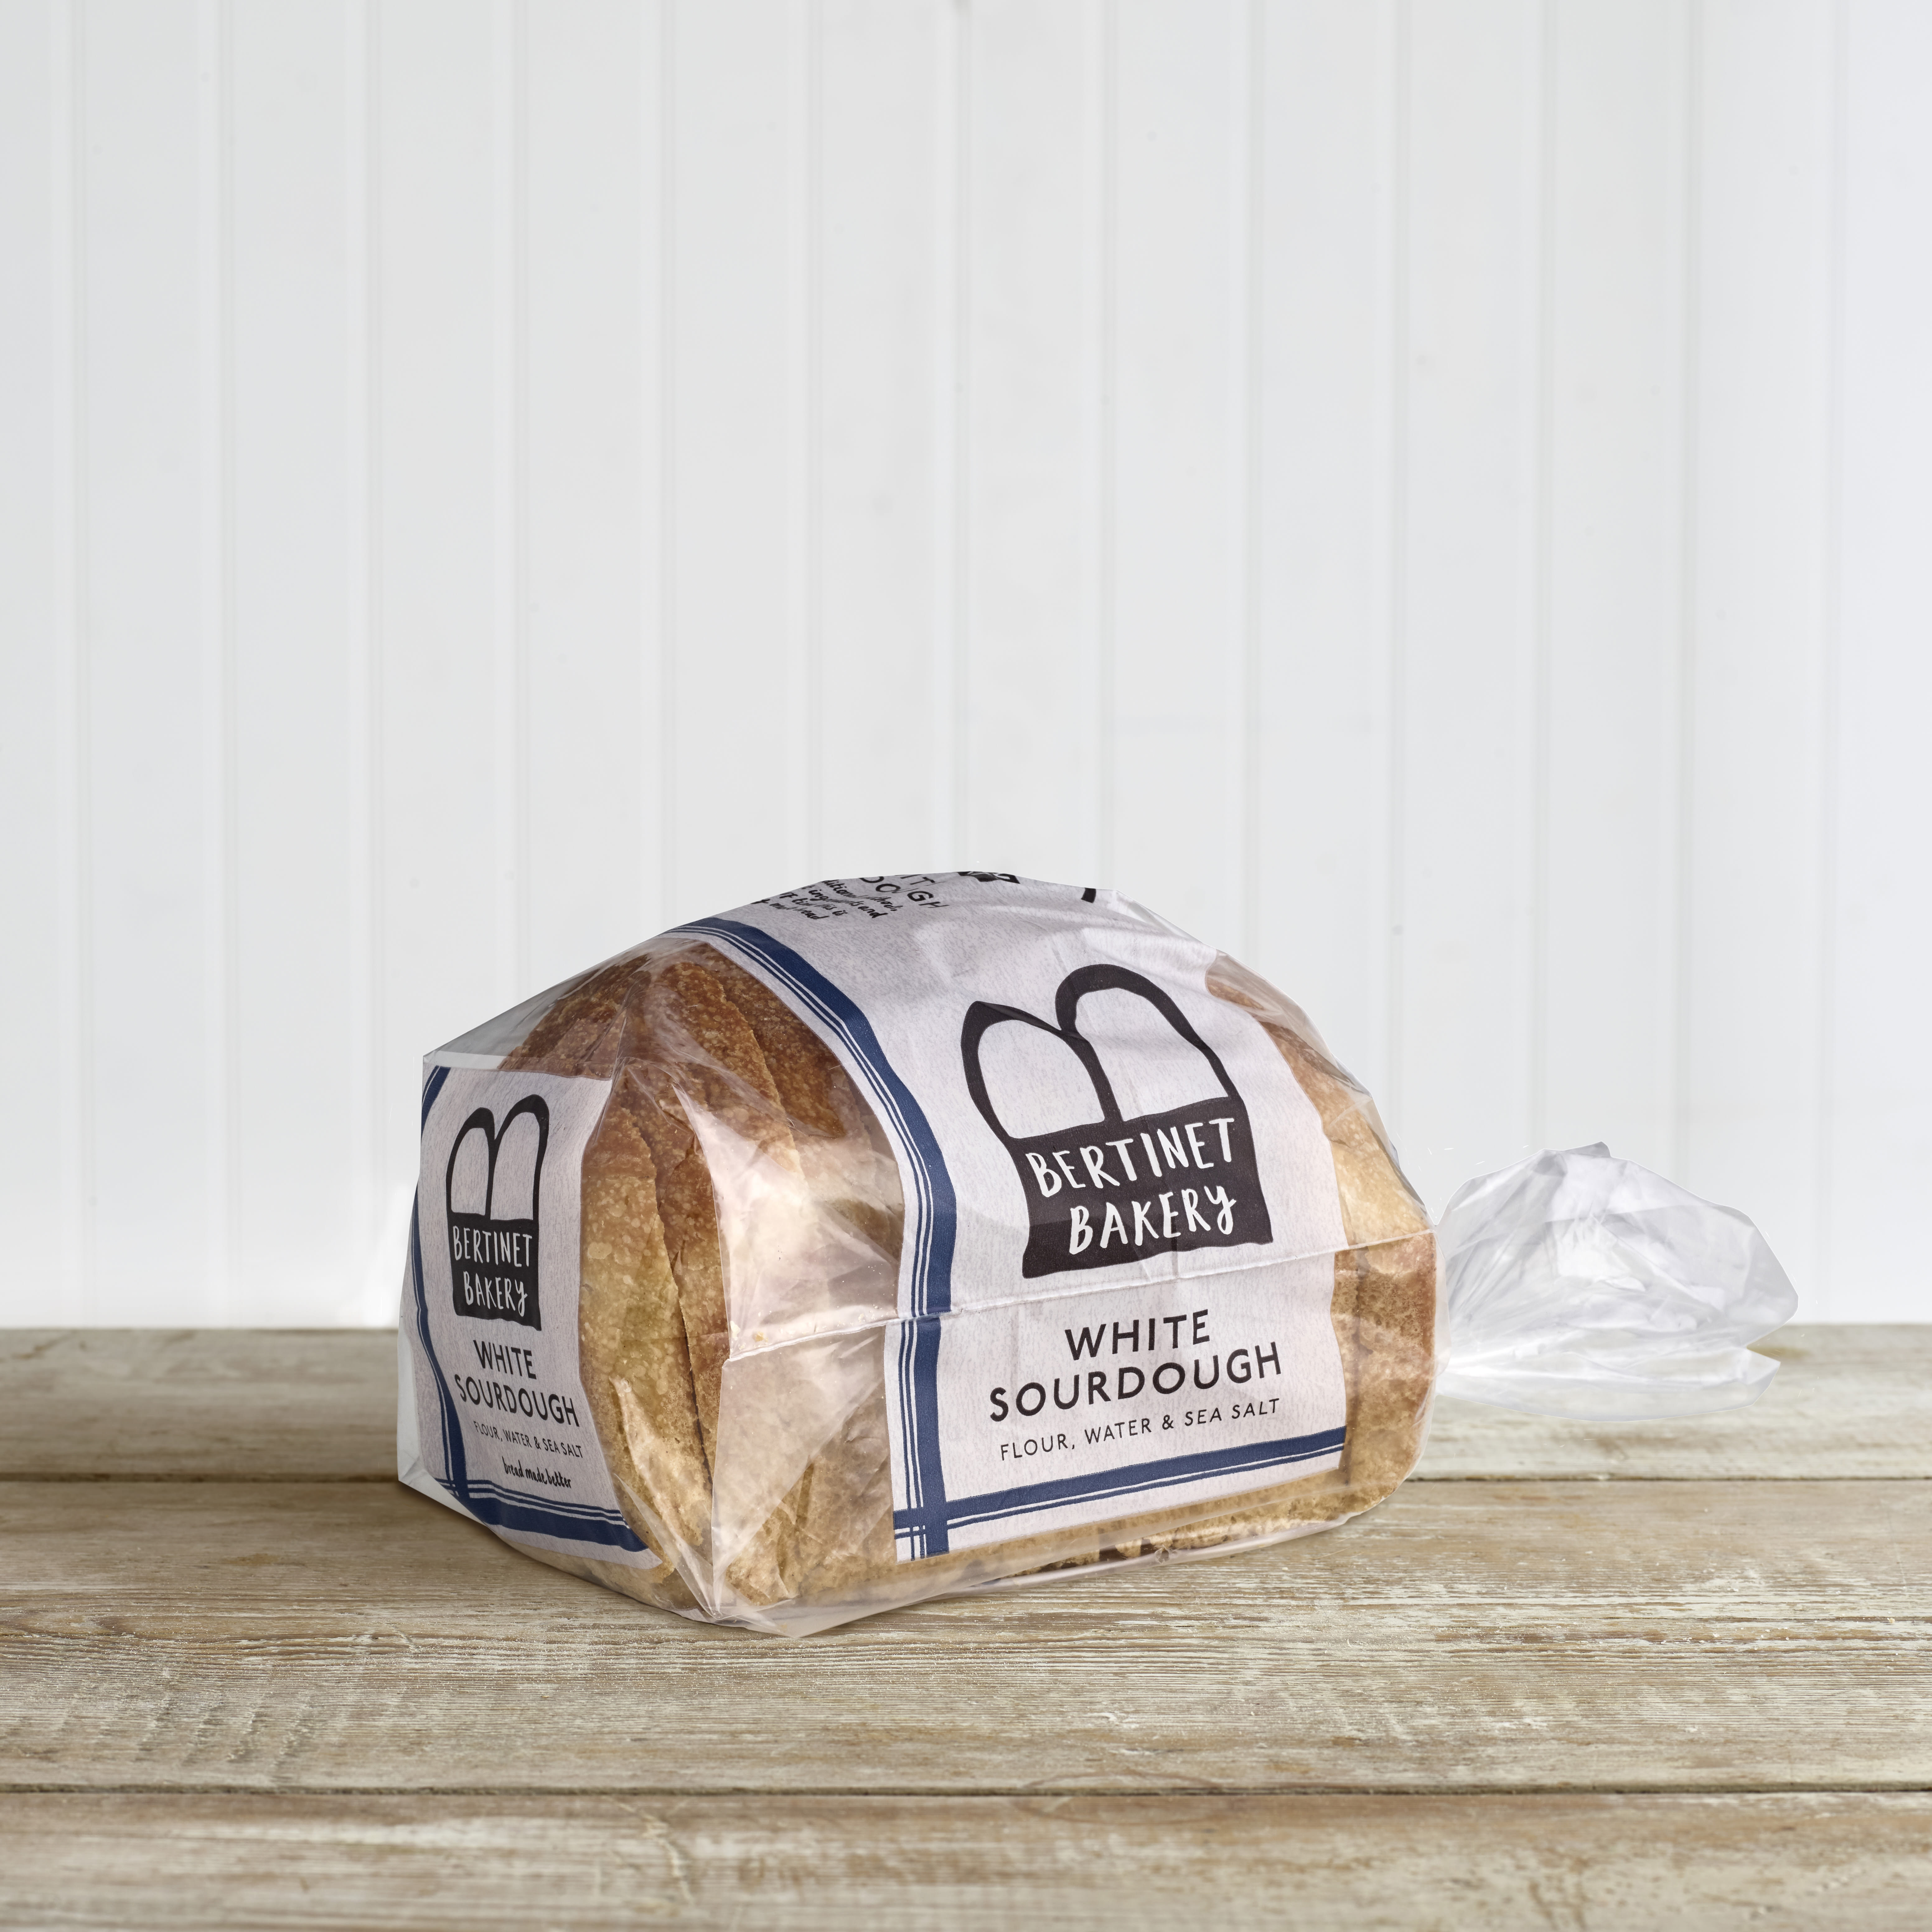 Bertinet Bakery White Sourdough, 500g